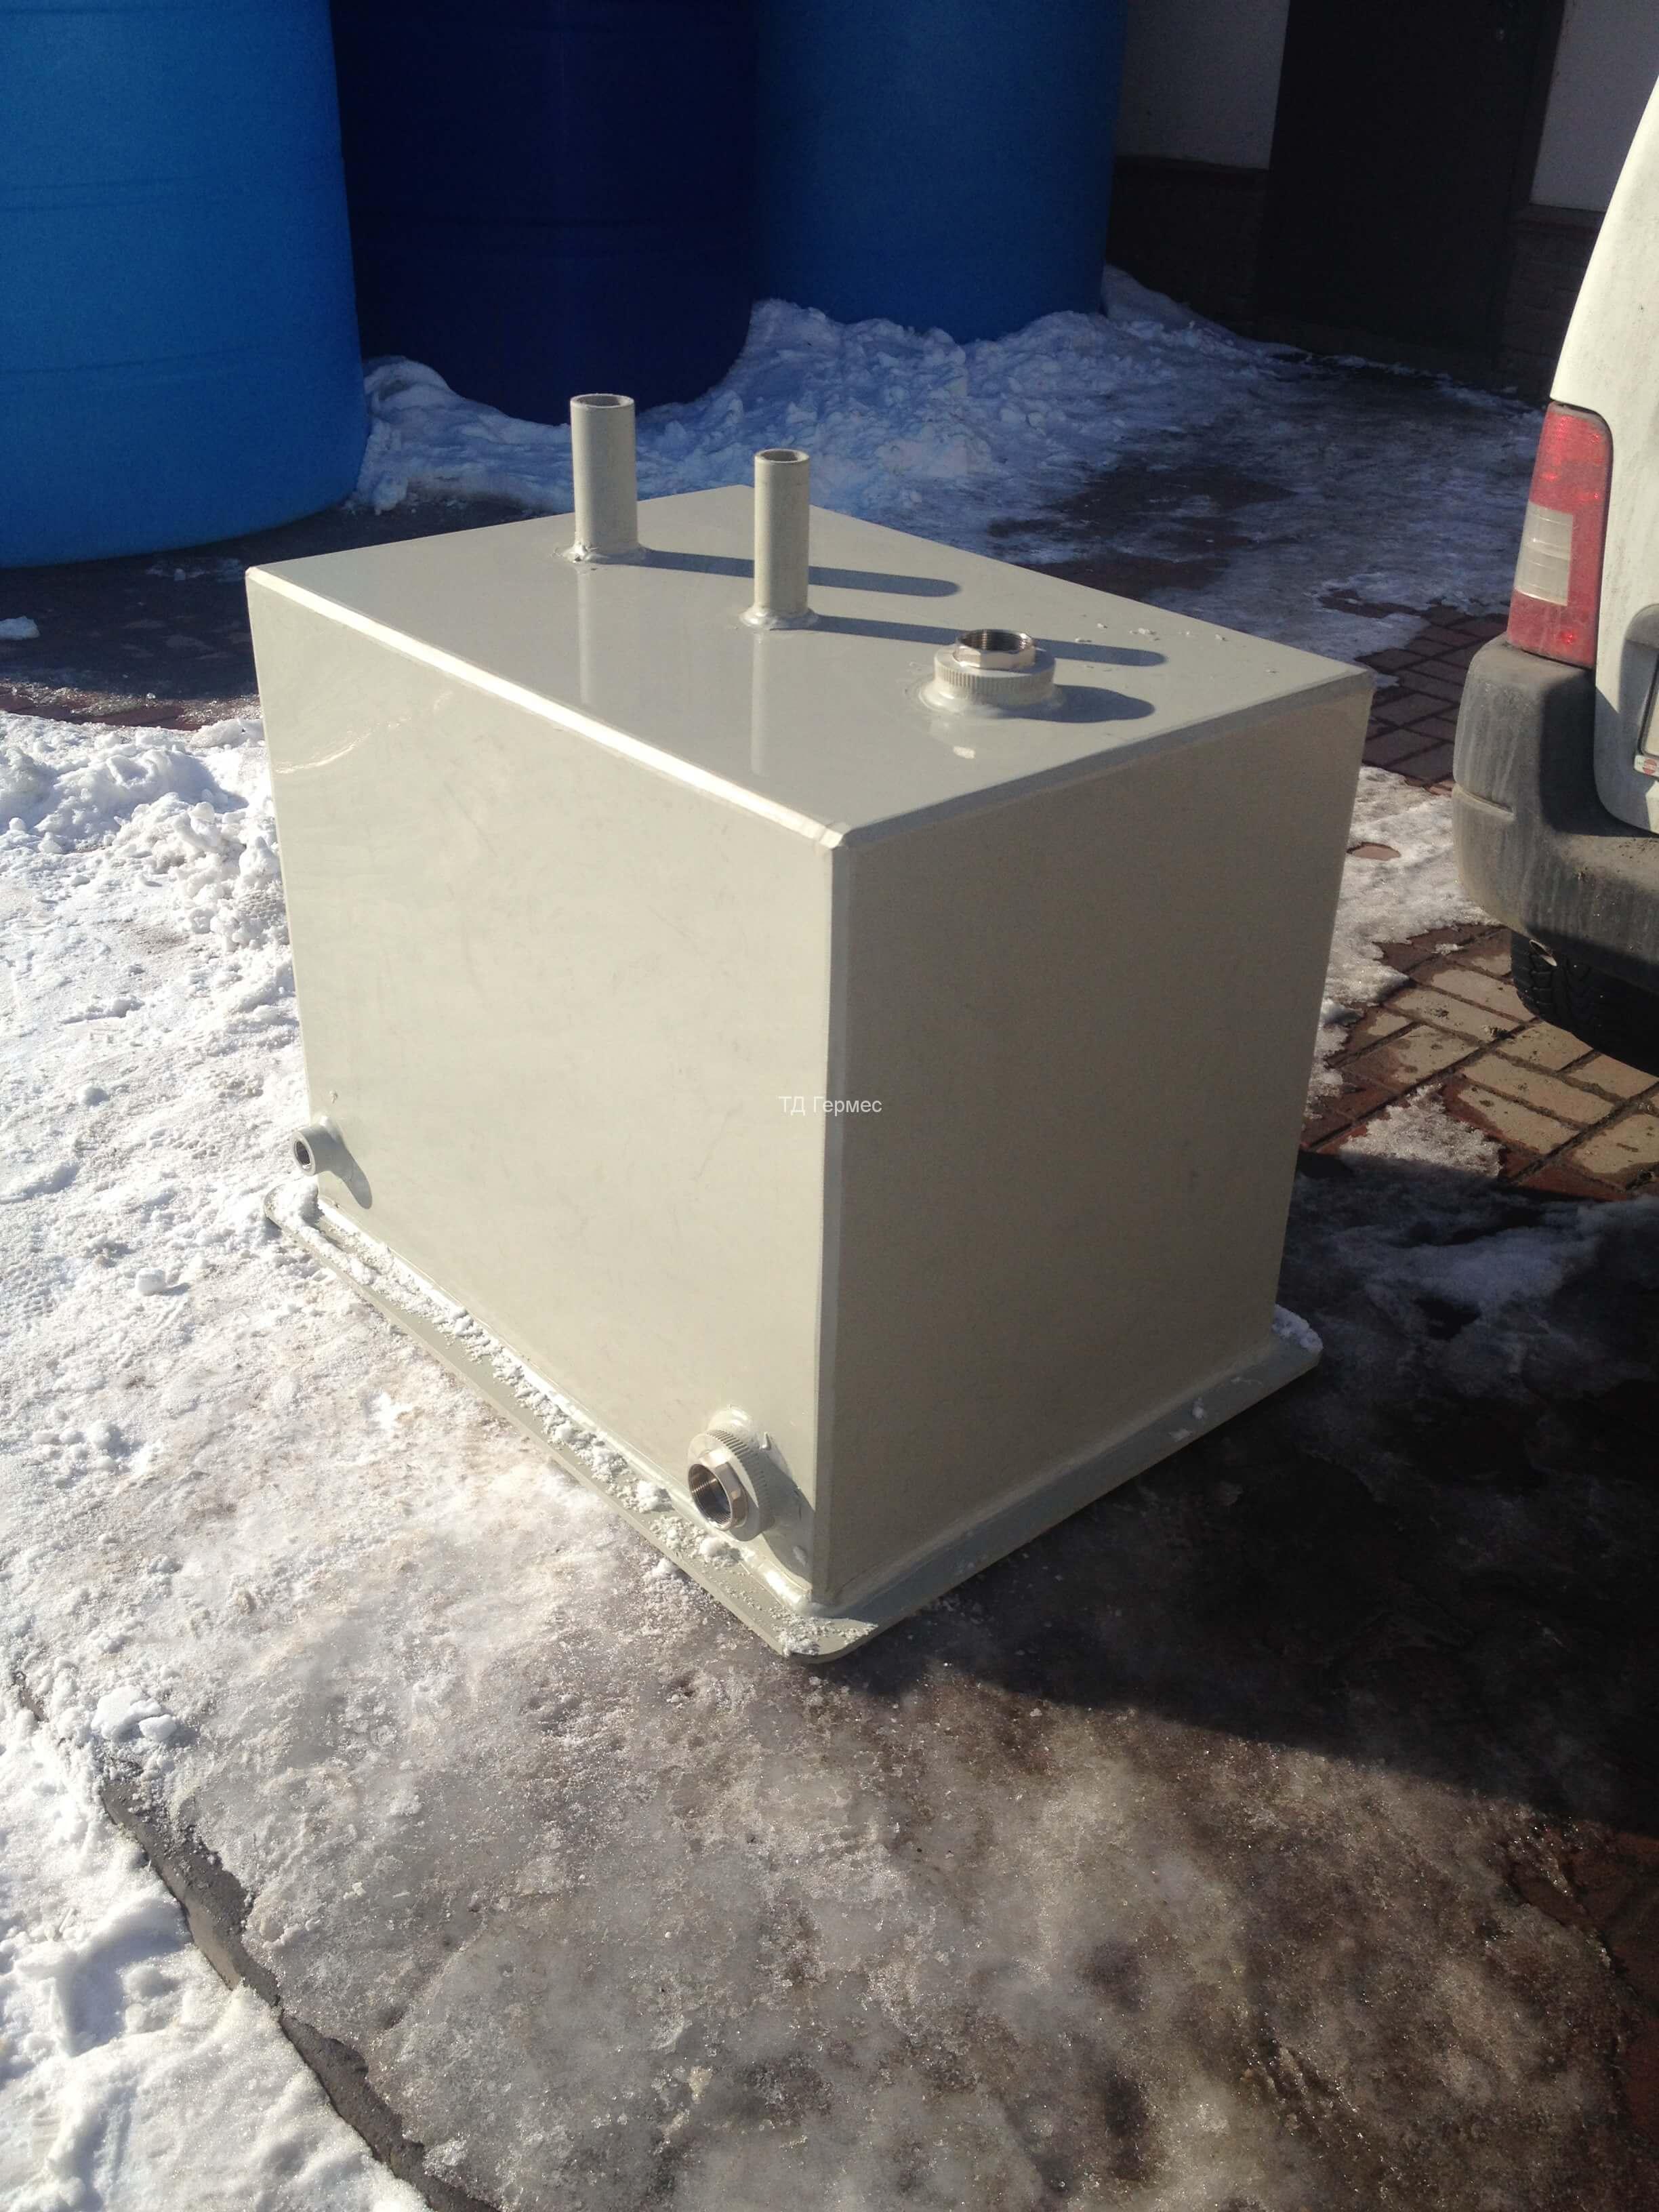 Фото №1. Боксерная емкость для технической воды. (Вид 1)